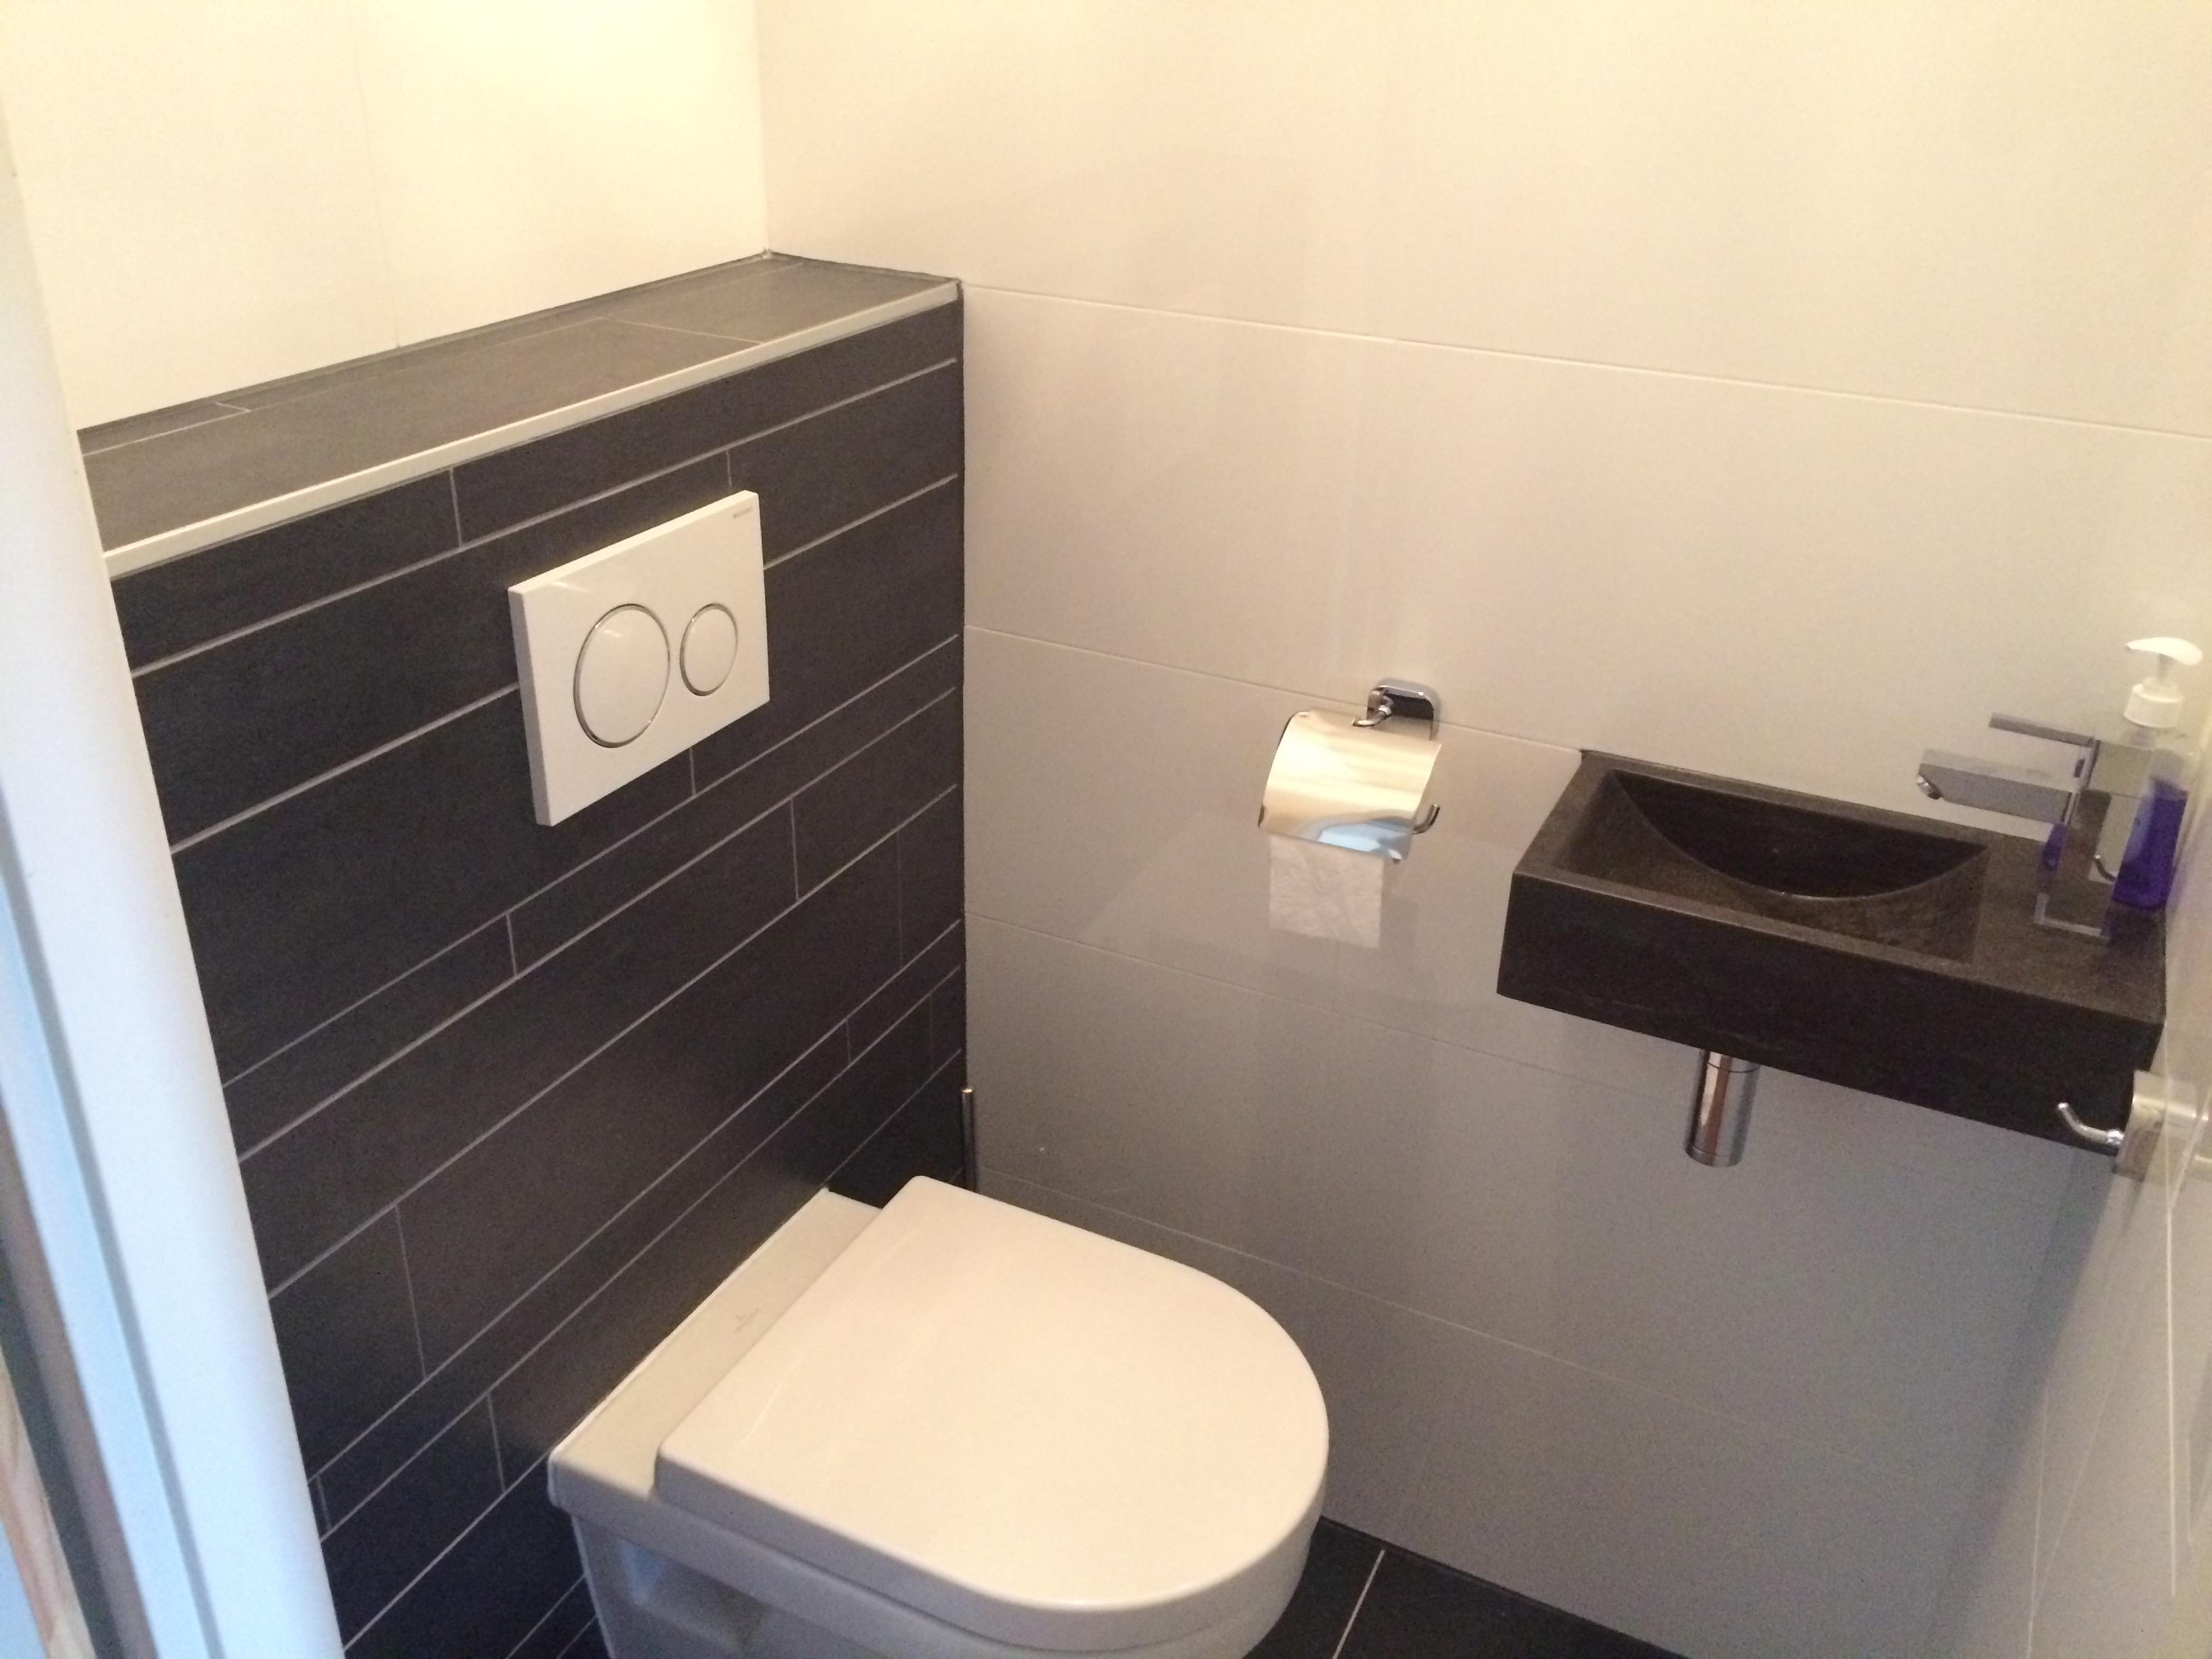 Toilet Renovatie Kosten : Toilet renovatie toilet verbouwen de topper in toilet purmerend